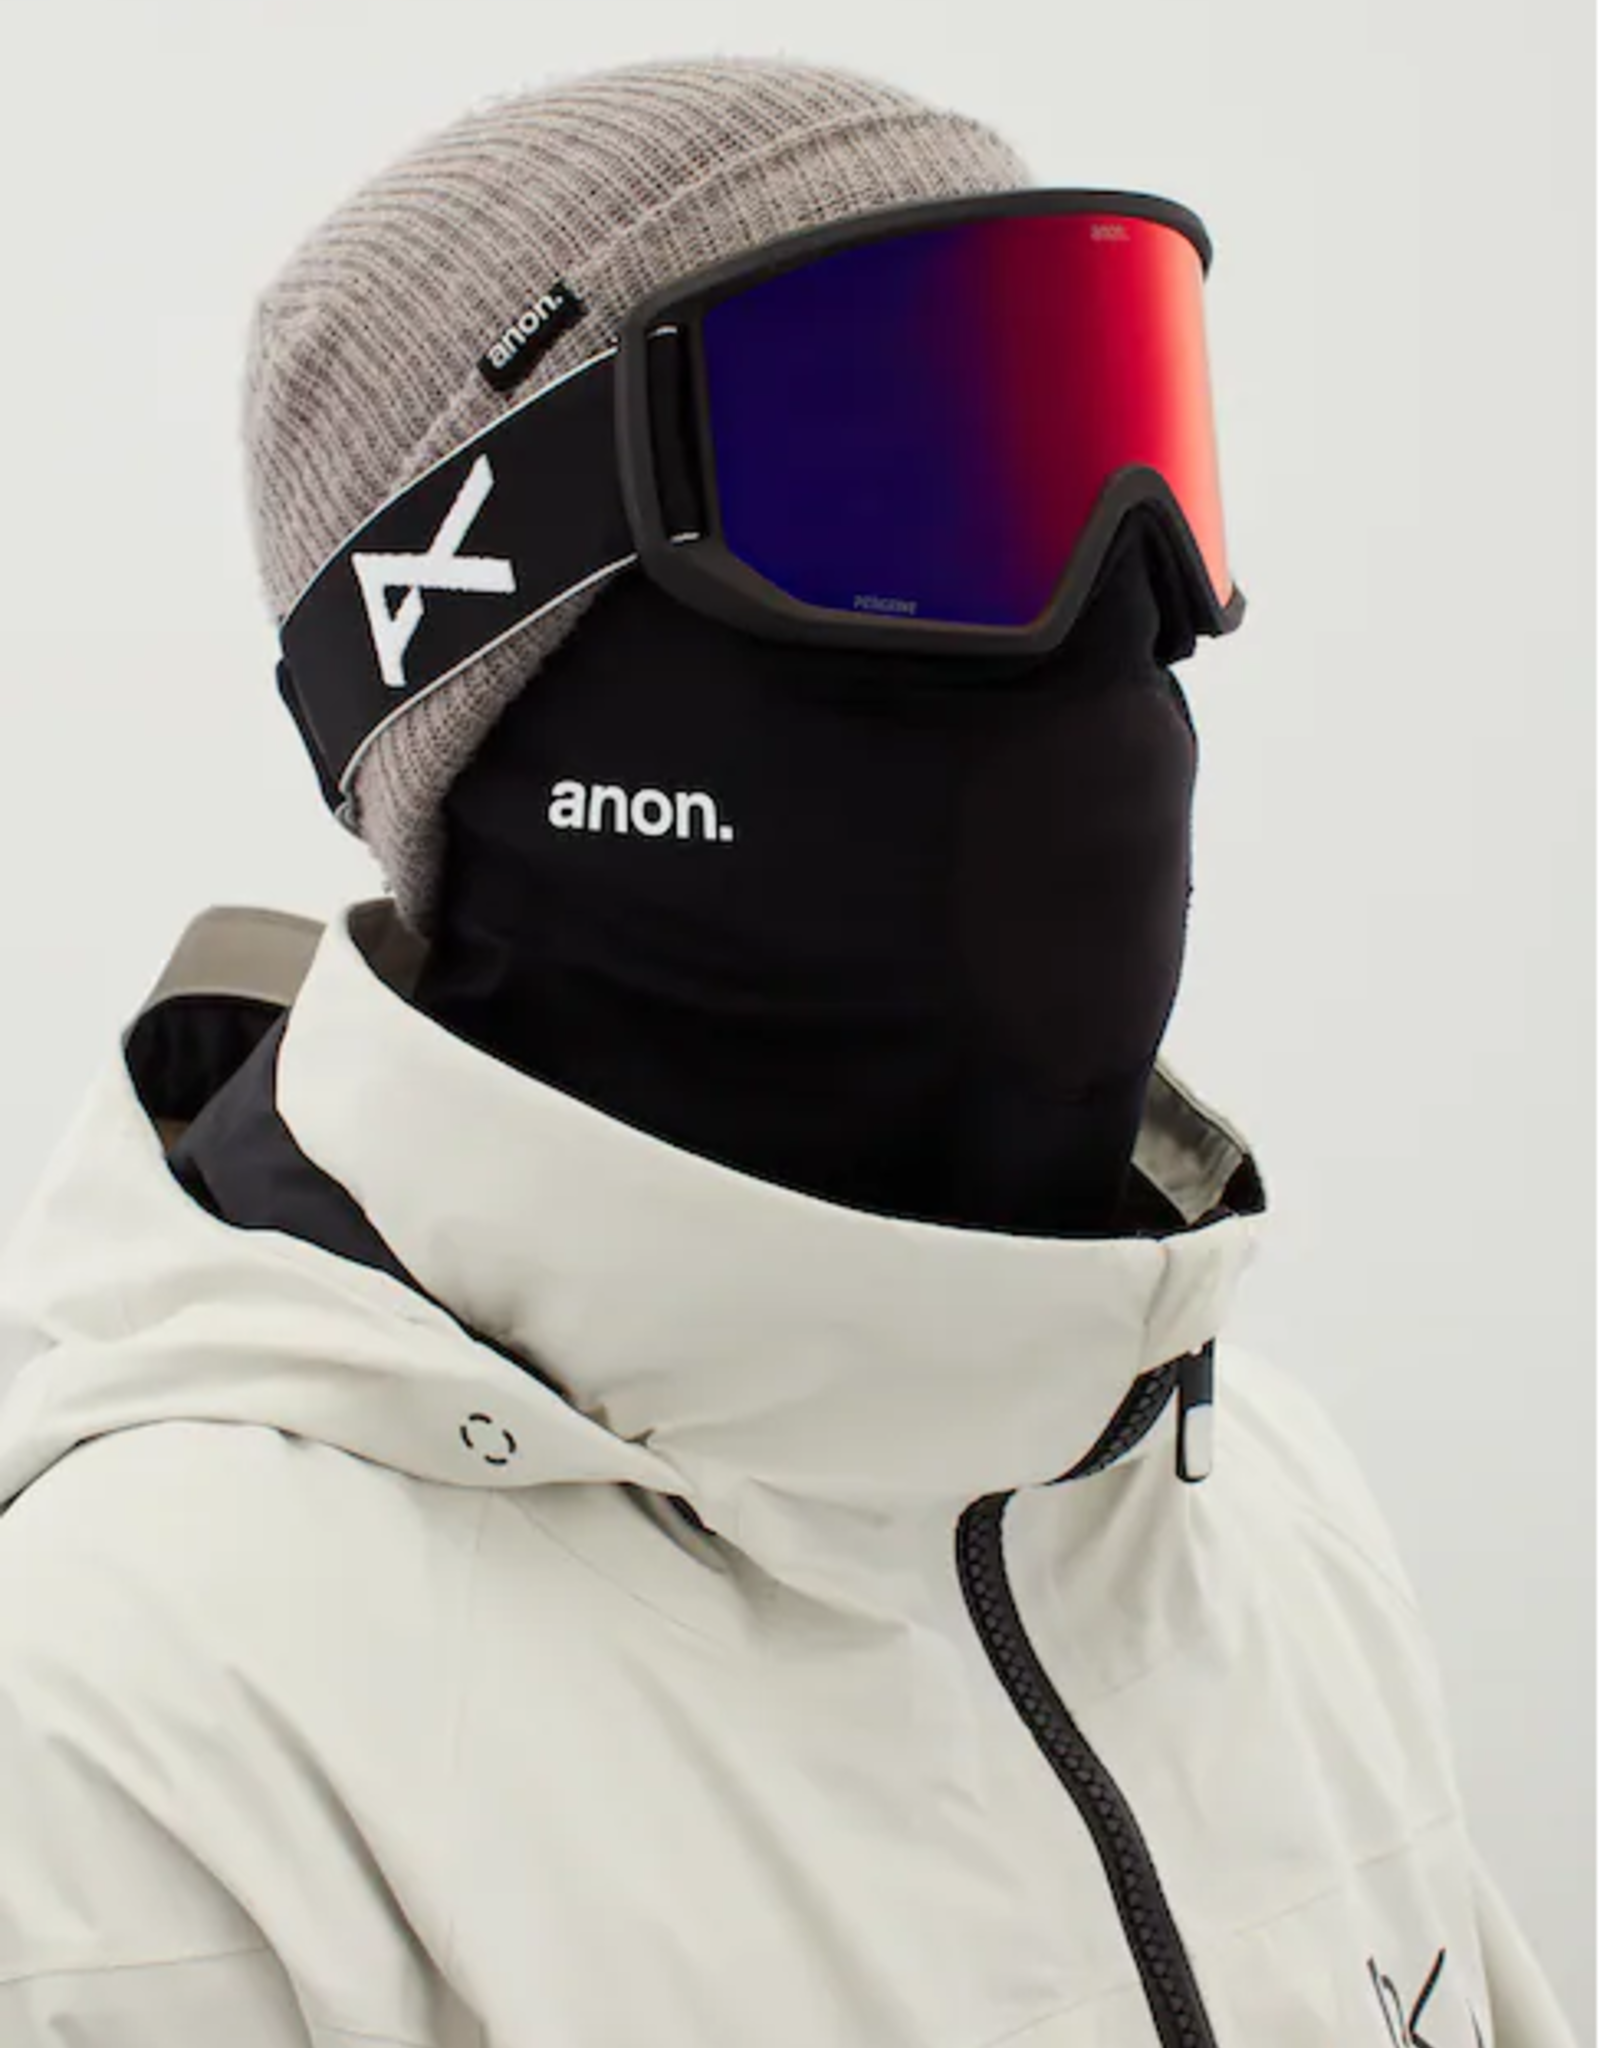 Anon Anon - RELAPSE MFI - Black w/ PERCEIVE Sunny Red + BONUS Lens + Mask